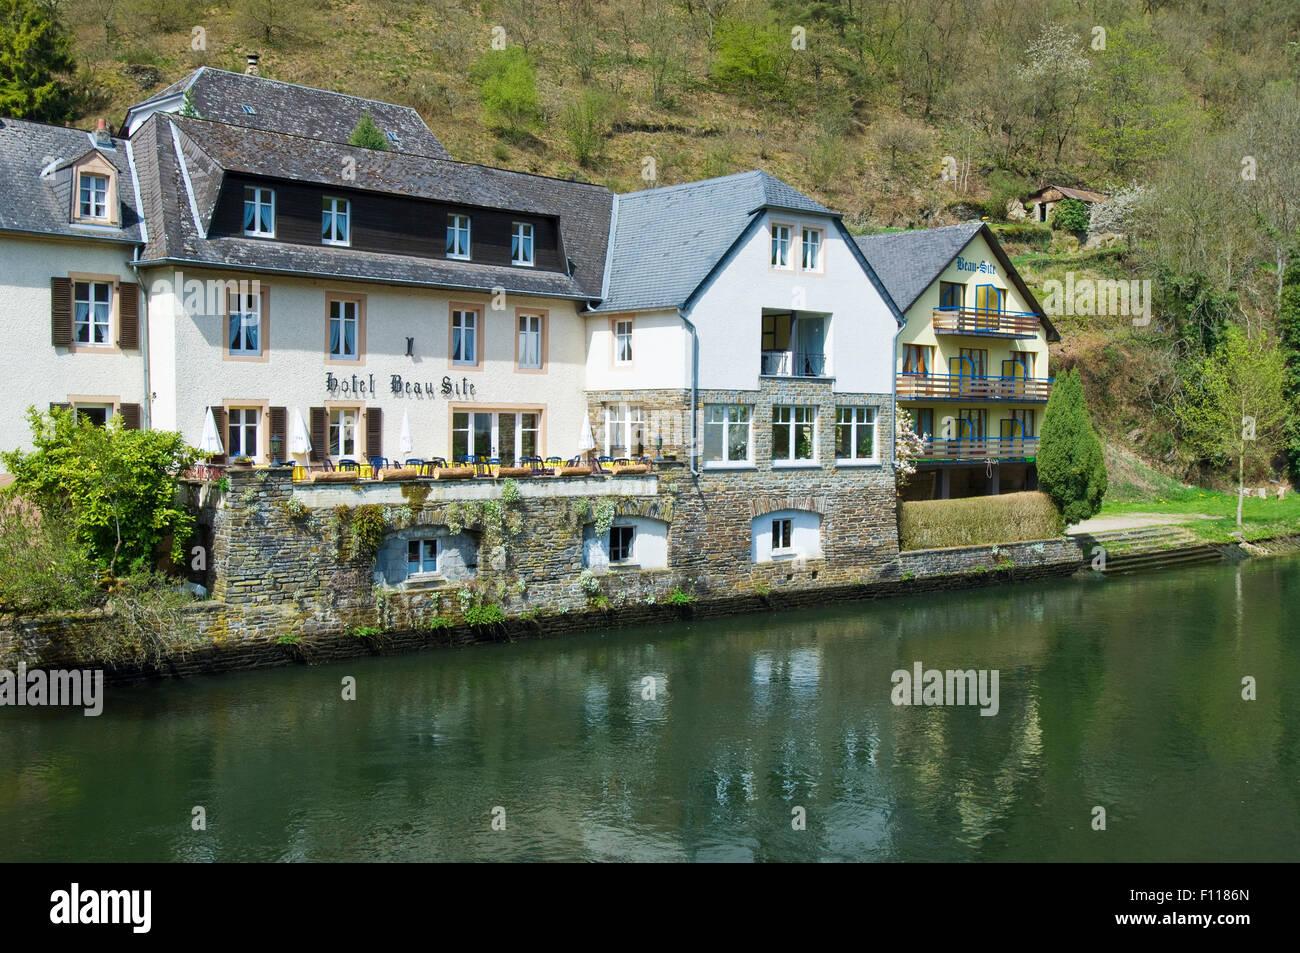 Hotel Beau Site sur les rives de la Sûre dans le village de Esch-sur-Sûre dans les Ardennes en Luxembourg Photo Stock